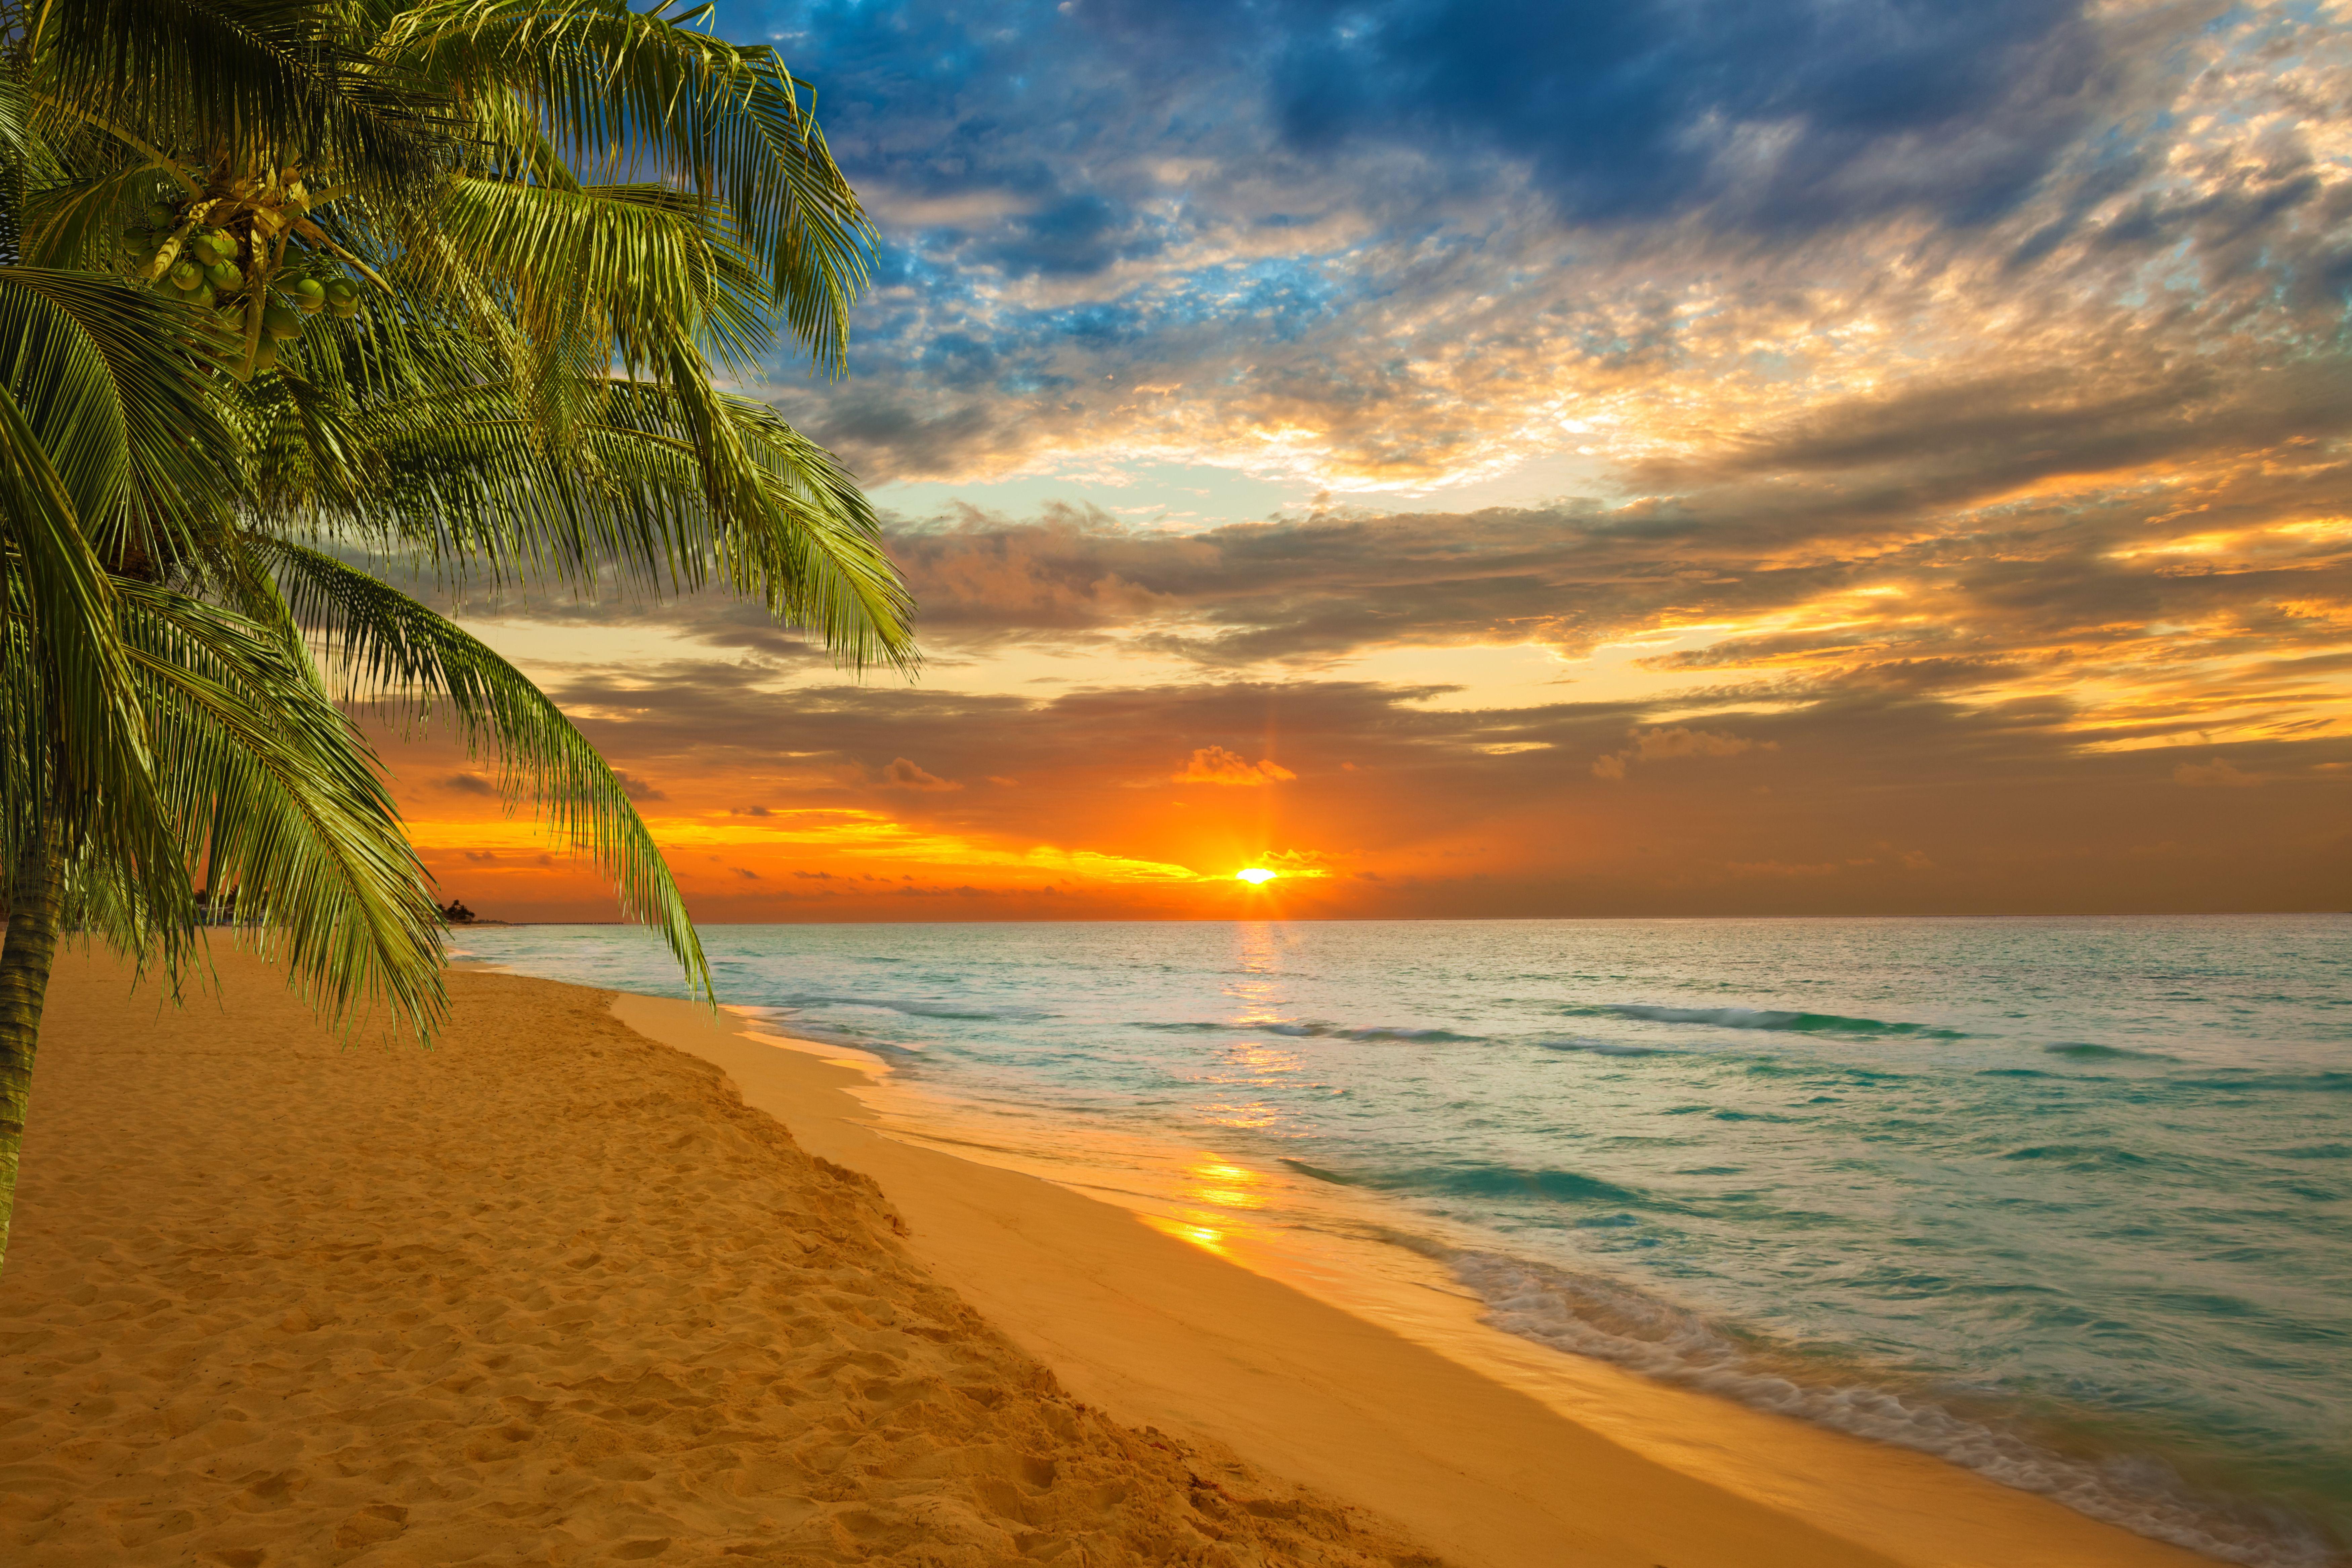 фото пляжей в хорошем качестве